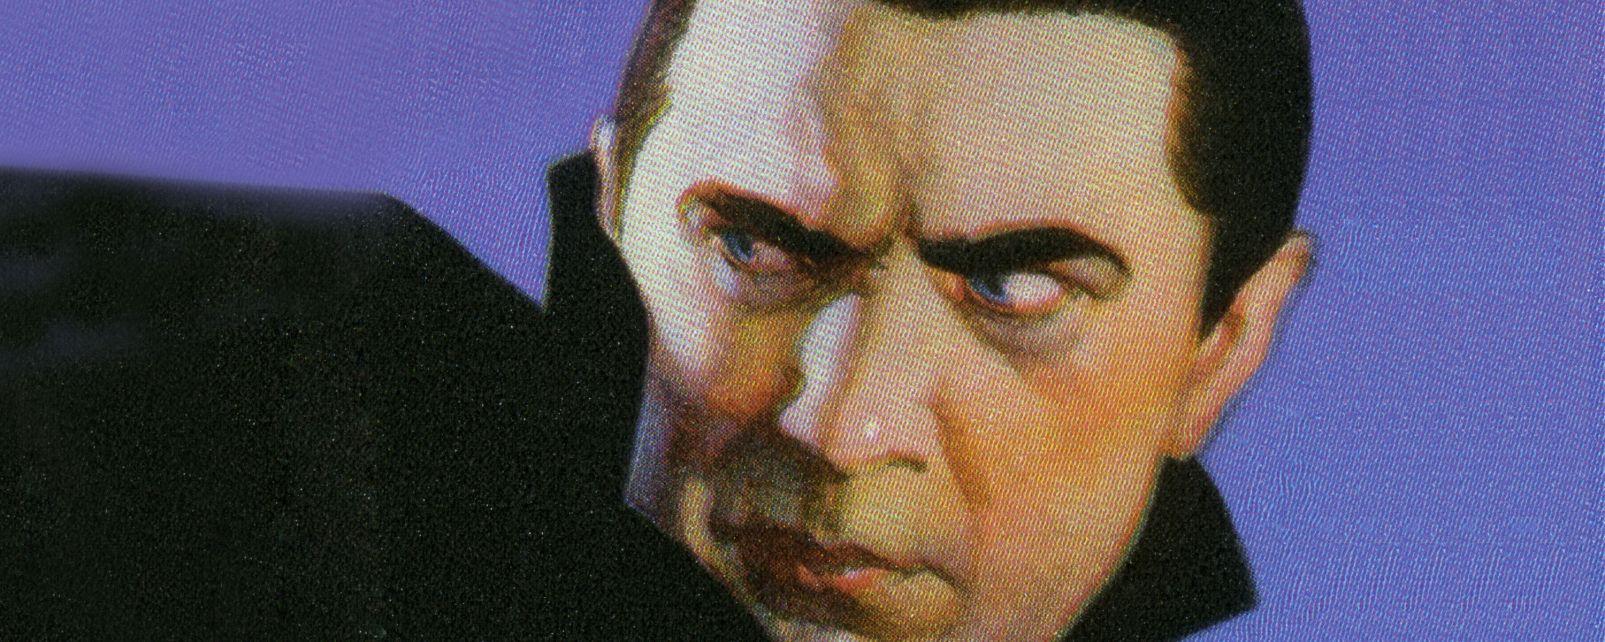 Dracula, Le arti e la cultura, Romania